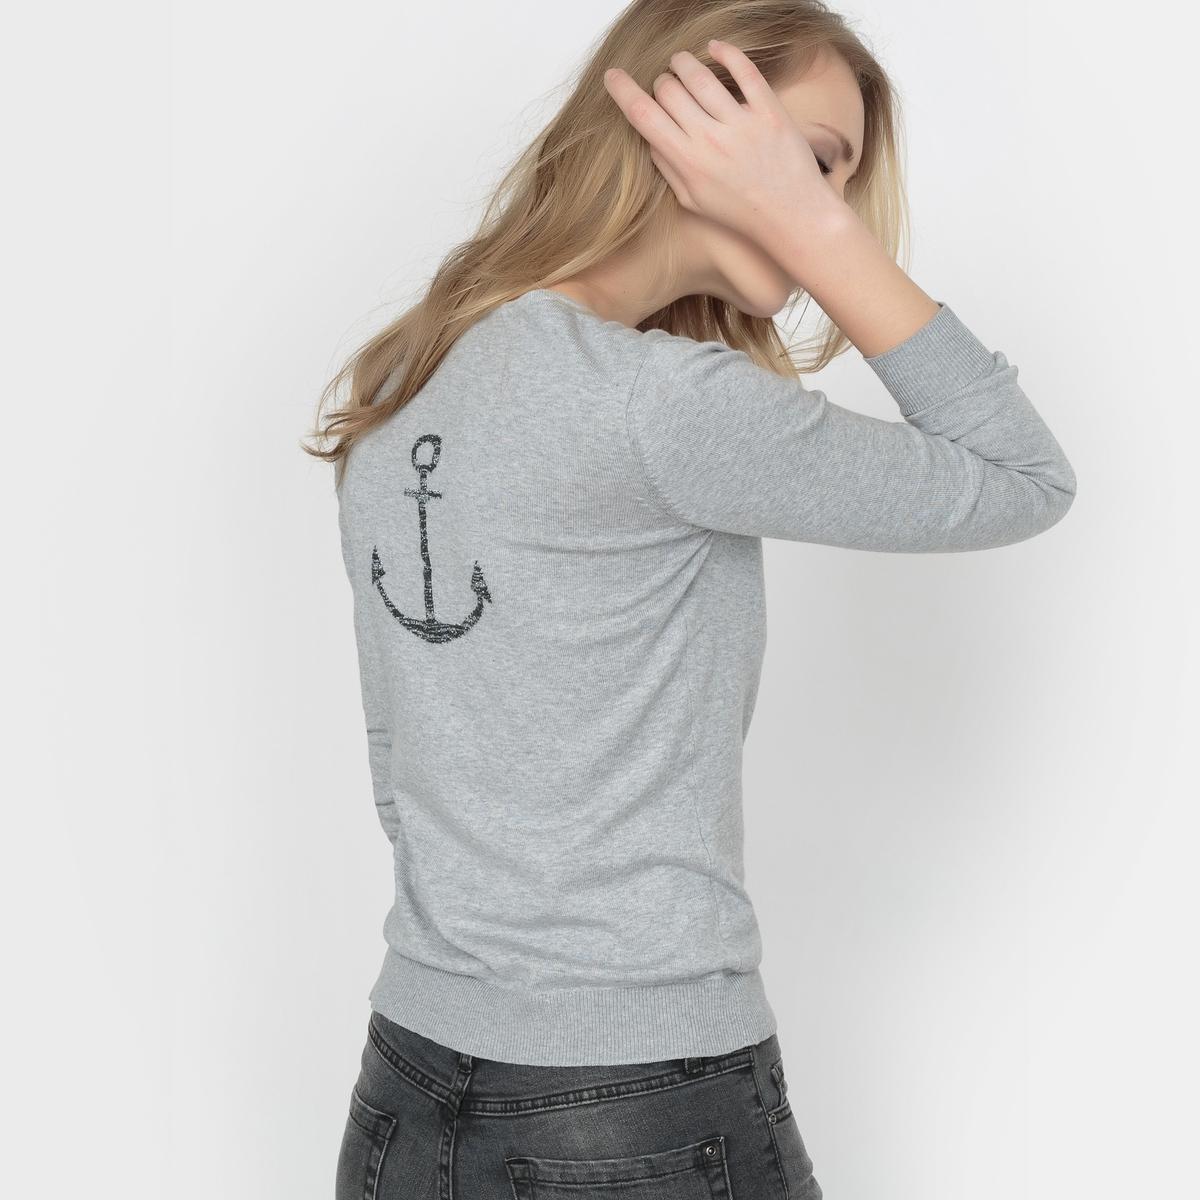 Пуловер с круглым вырезом и разрезом спередиСостав и описание: Материал: 83% хлопка, 17% полиамида.Длина: 62 см.Марка: R ?ditionУход:Машинная стирка при 30°C.<br><br>Цвет: красный темный,черный